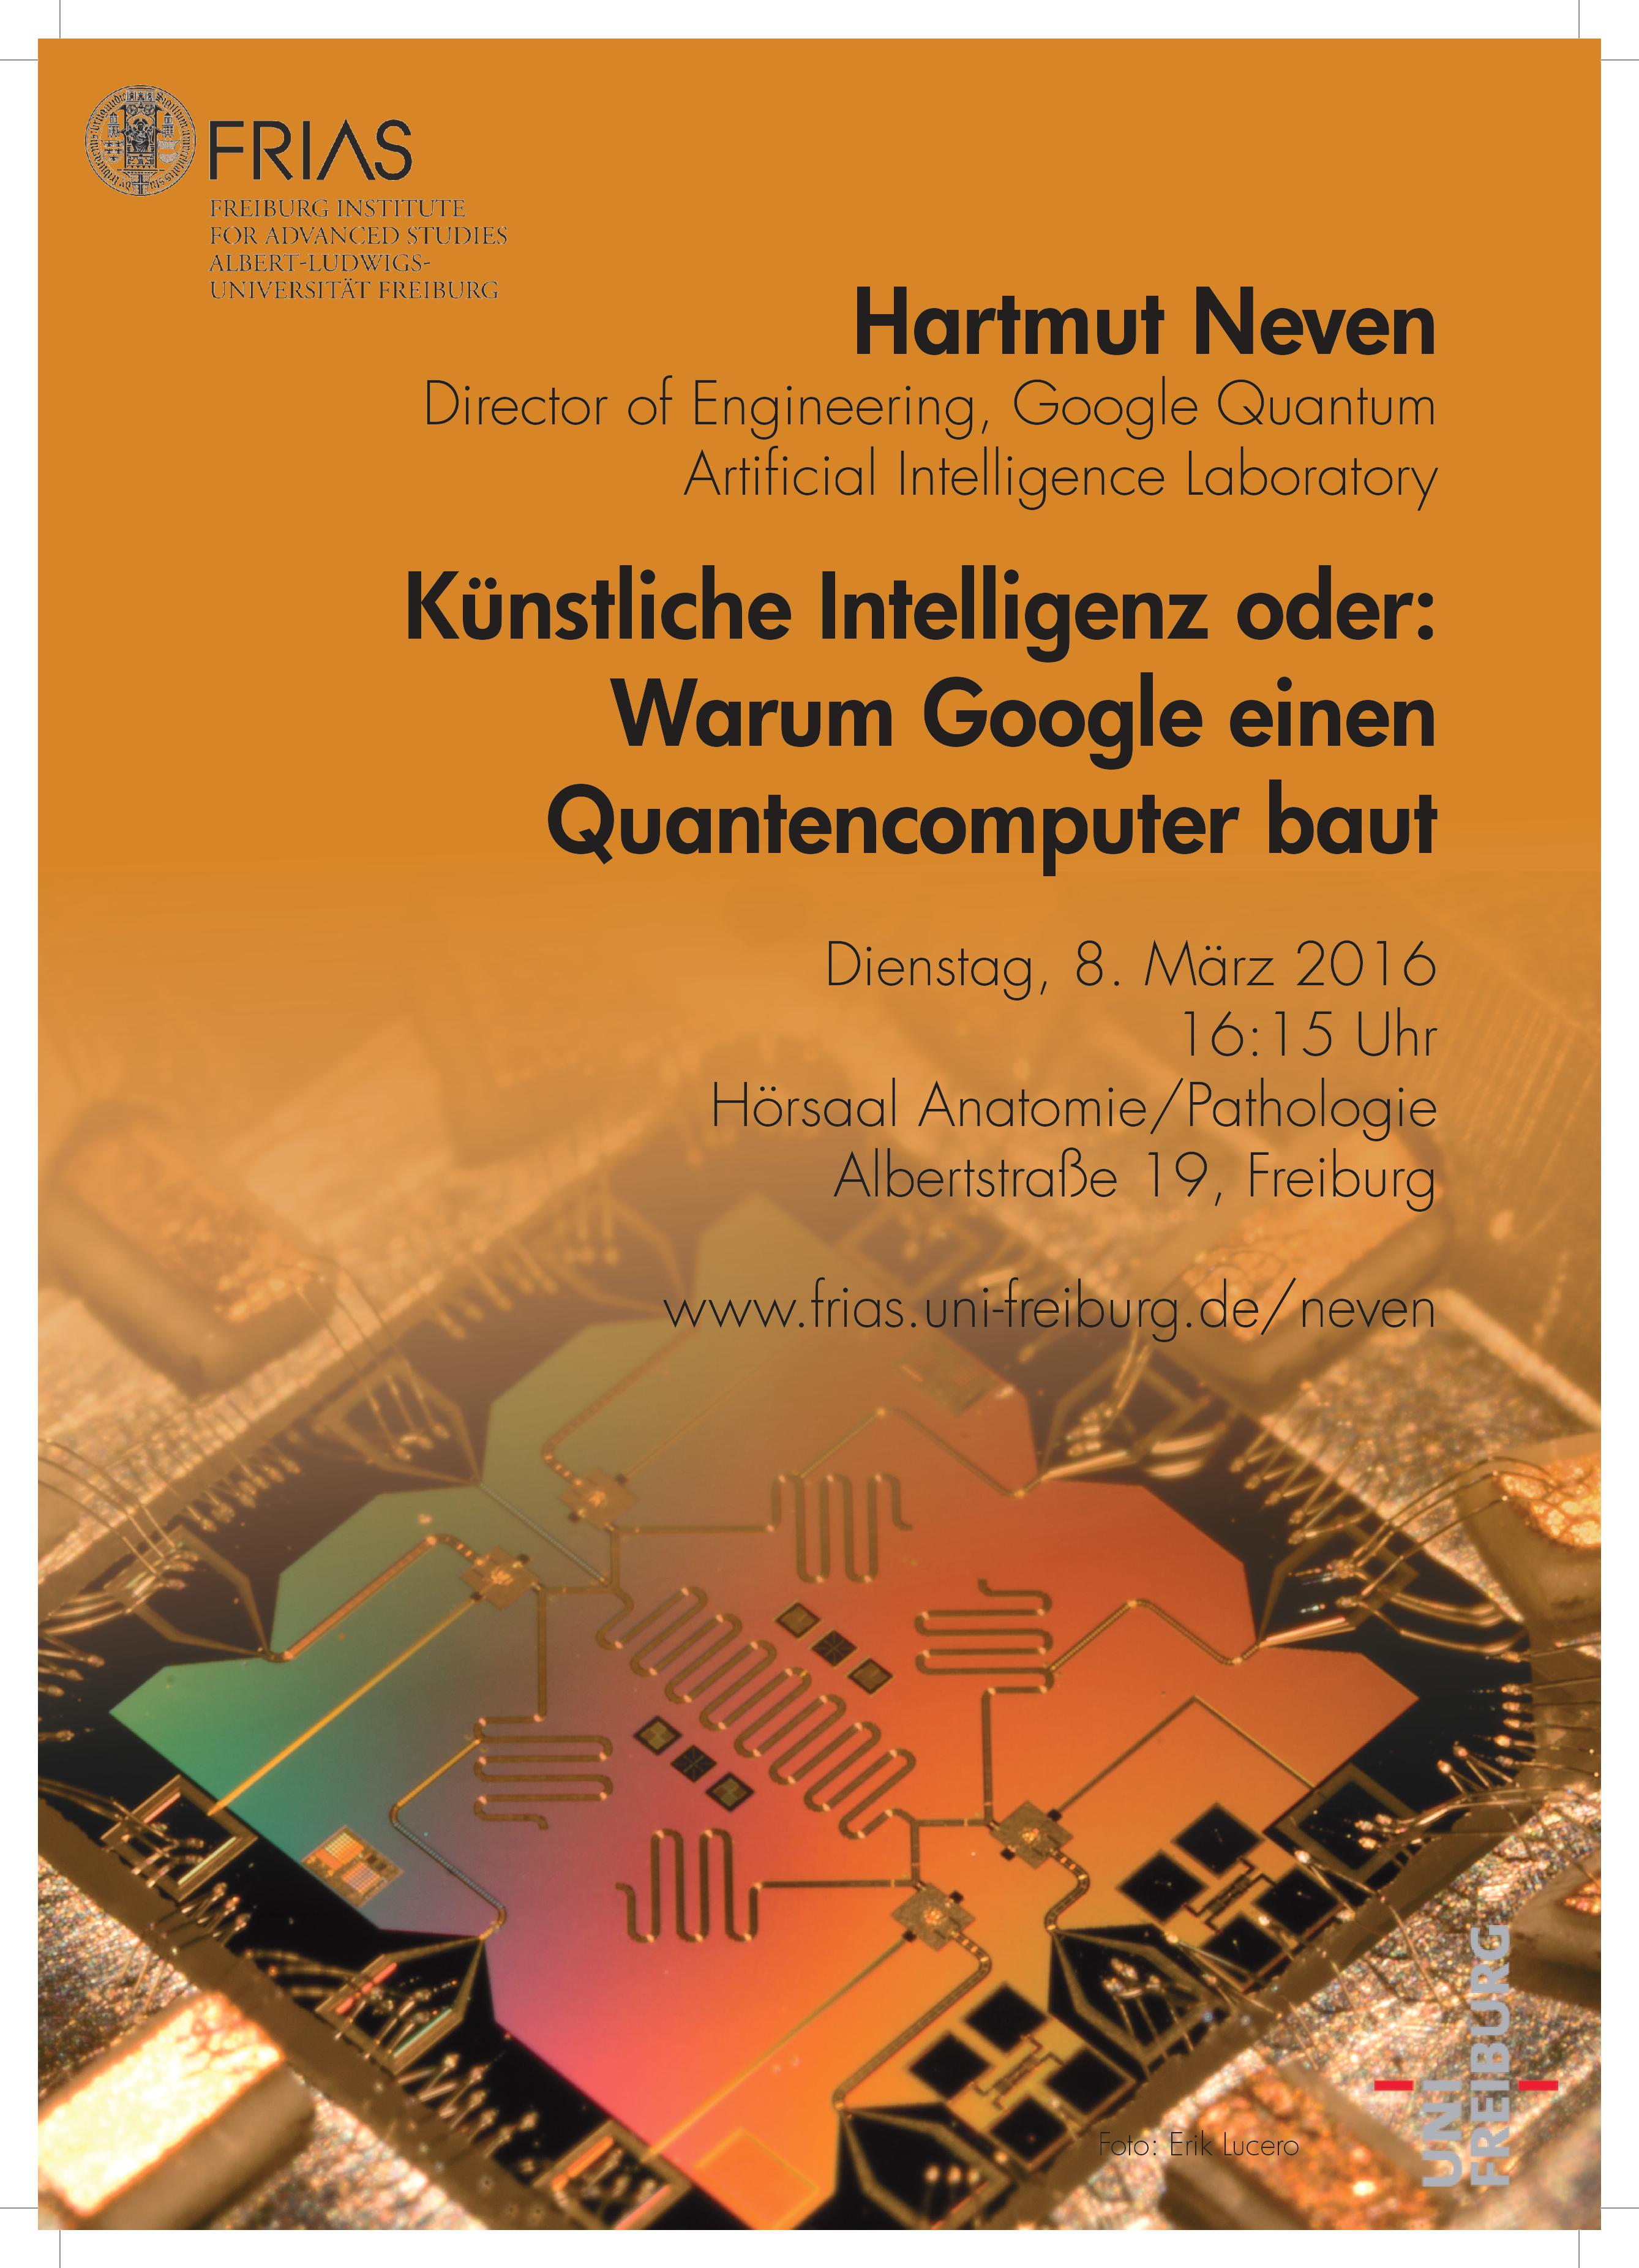 Neven Quantum Computer